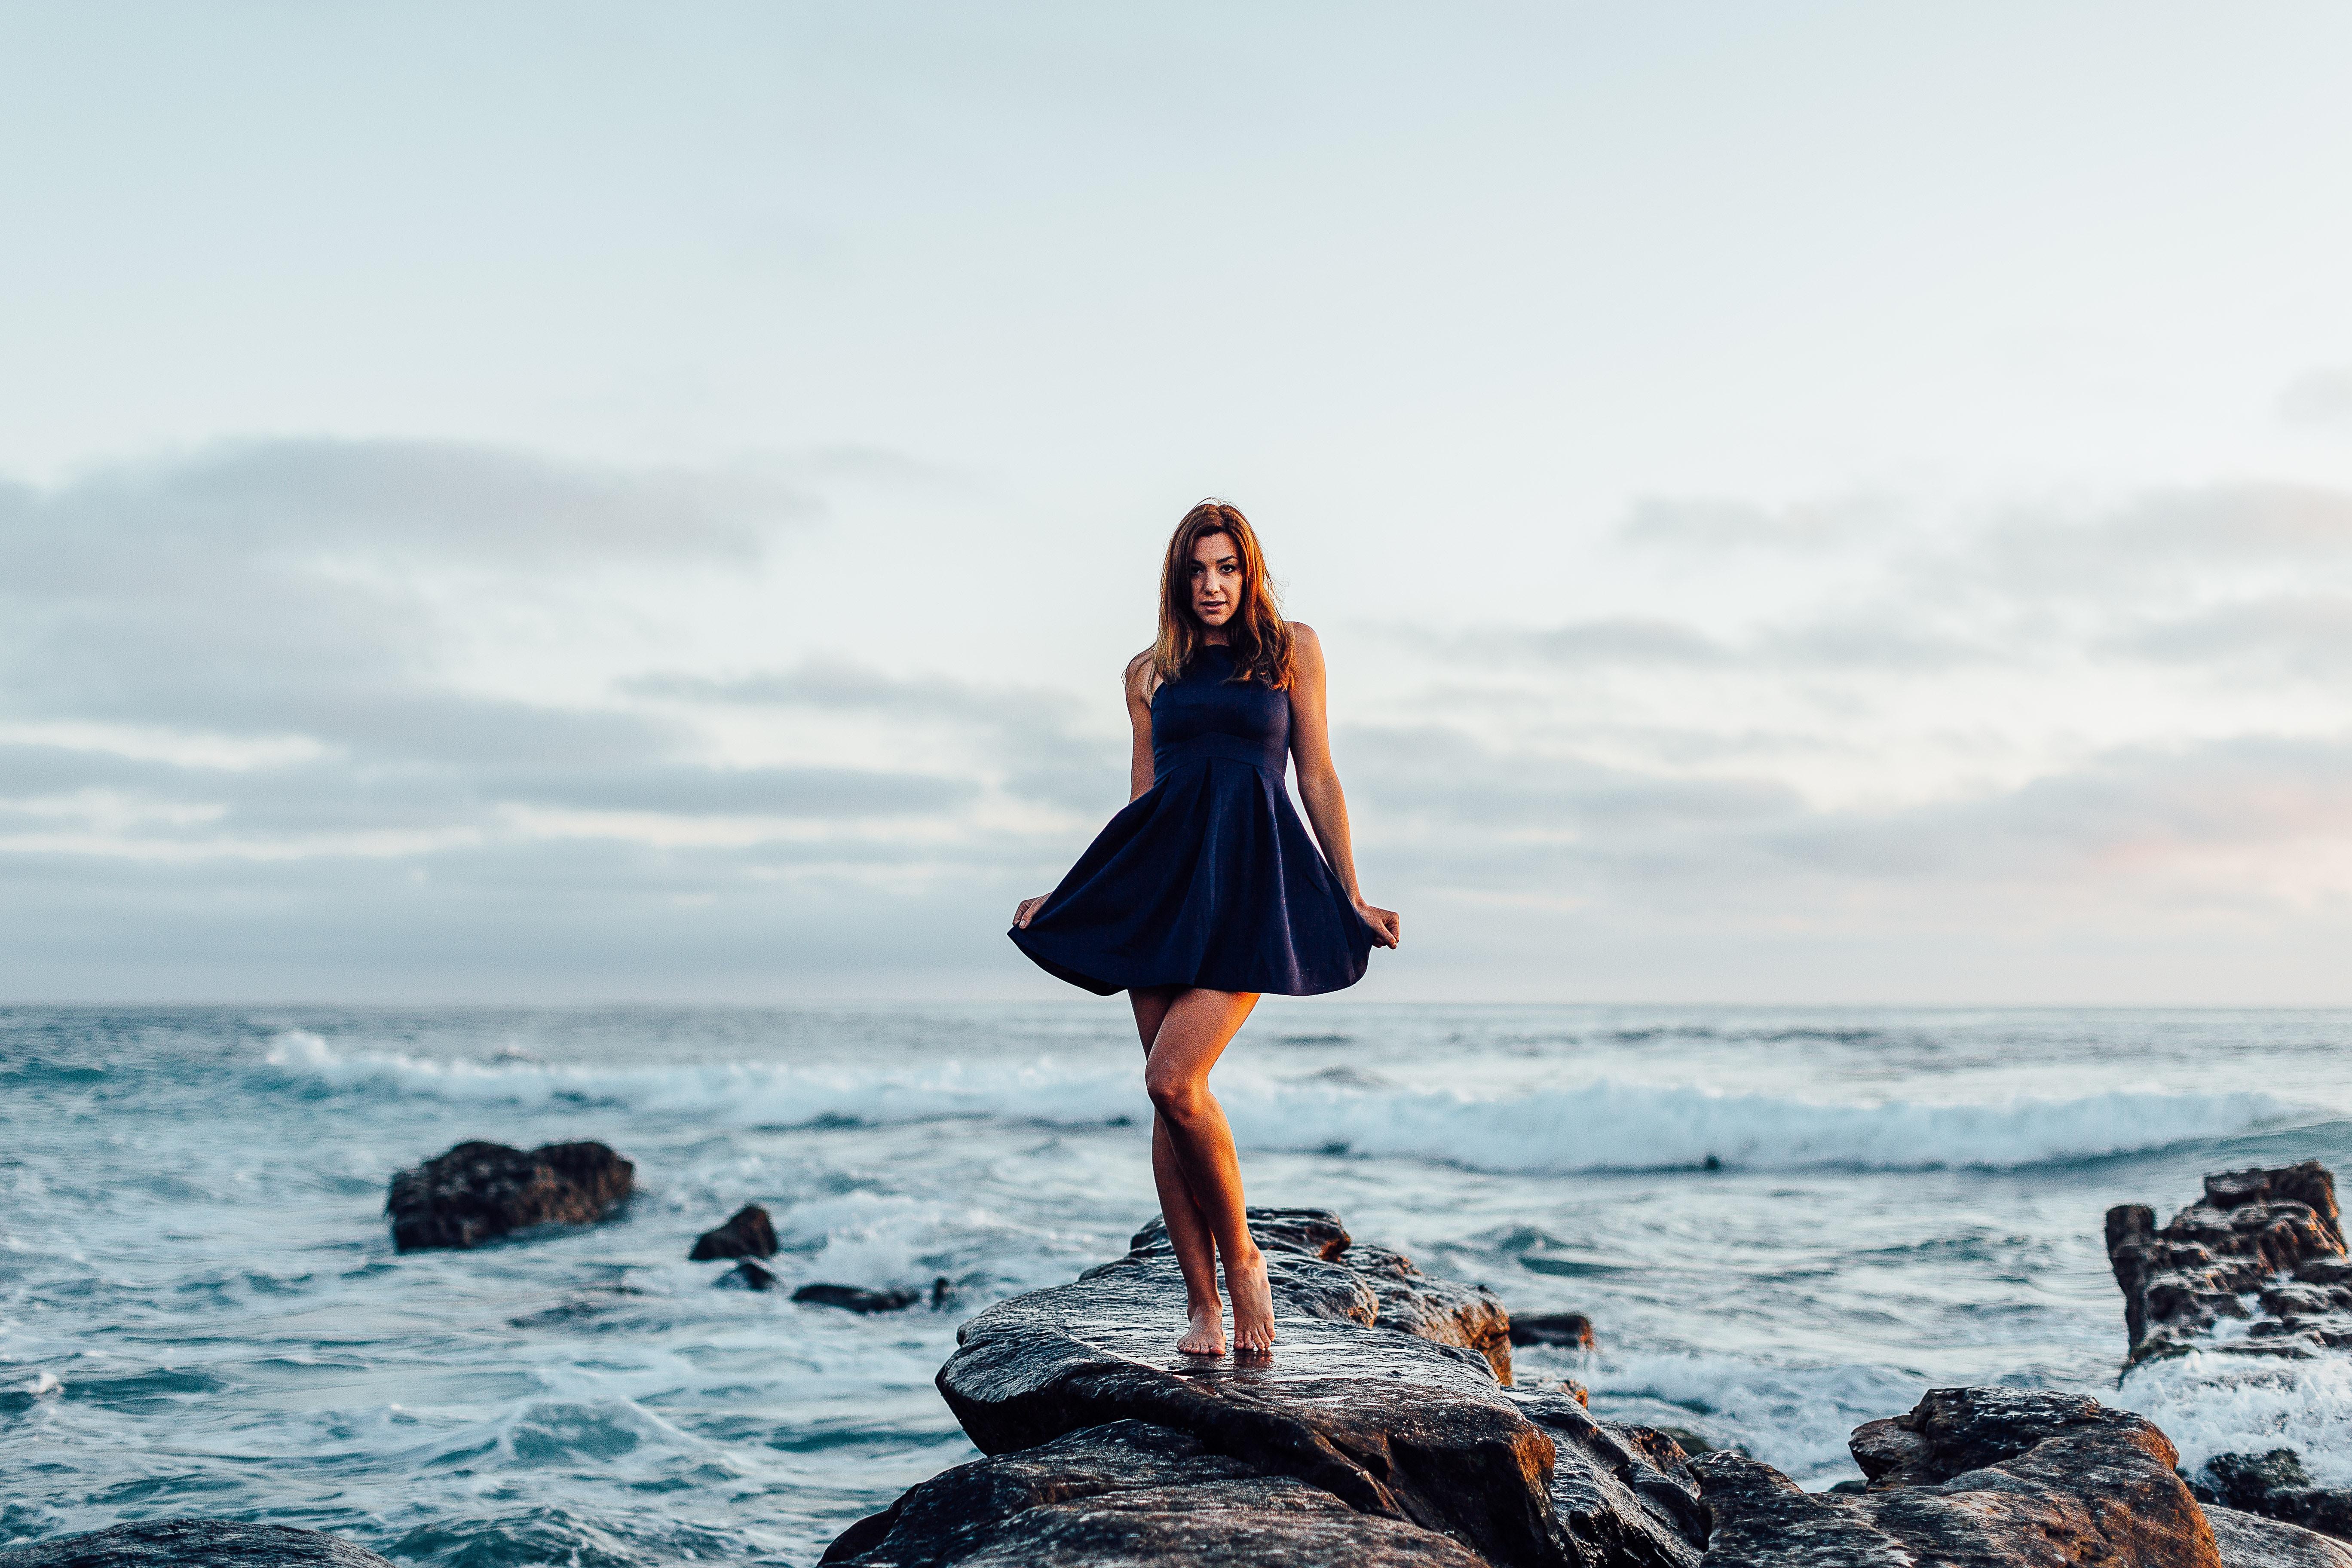 Woman in a dress posing on the shoreline rock at Windansea Beach